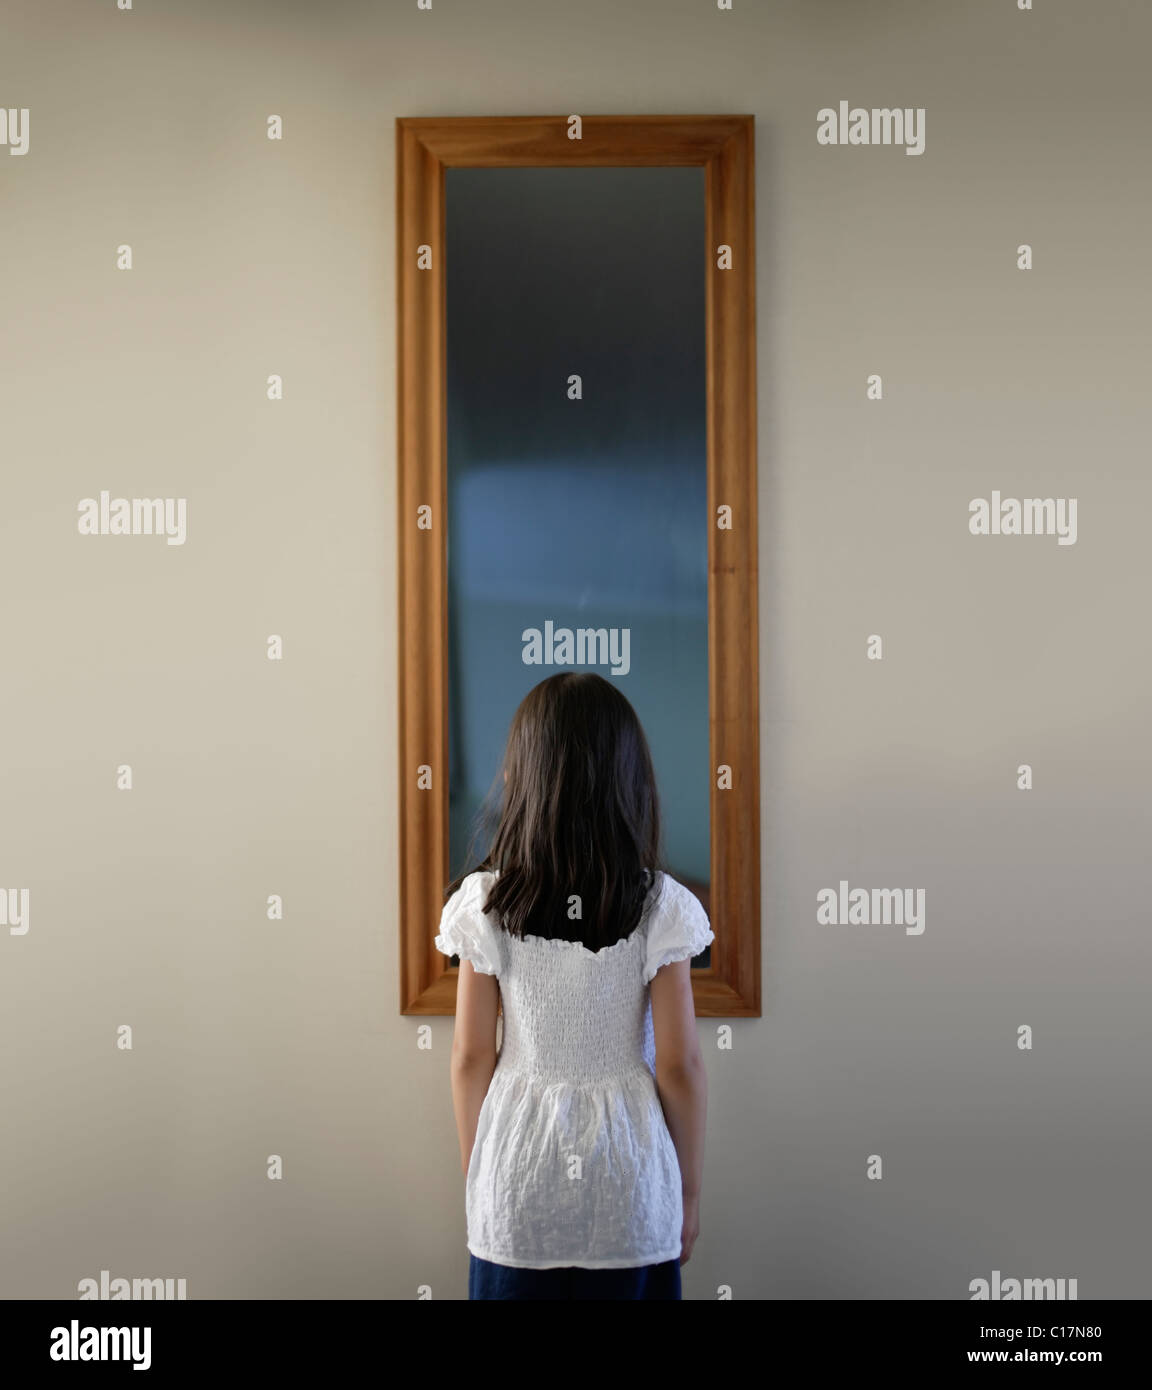 Espejo, espejo en la pared Imagen De Stock